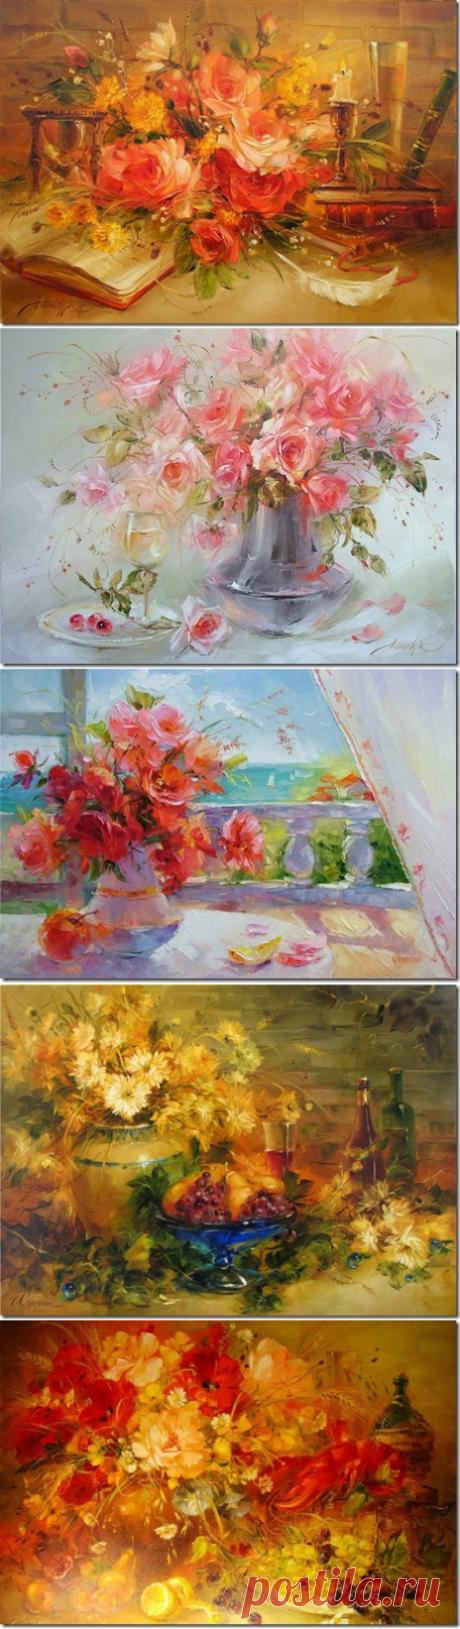 Вальс цветов. Анна Хомчик